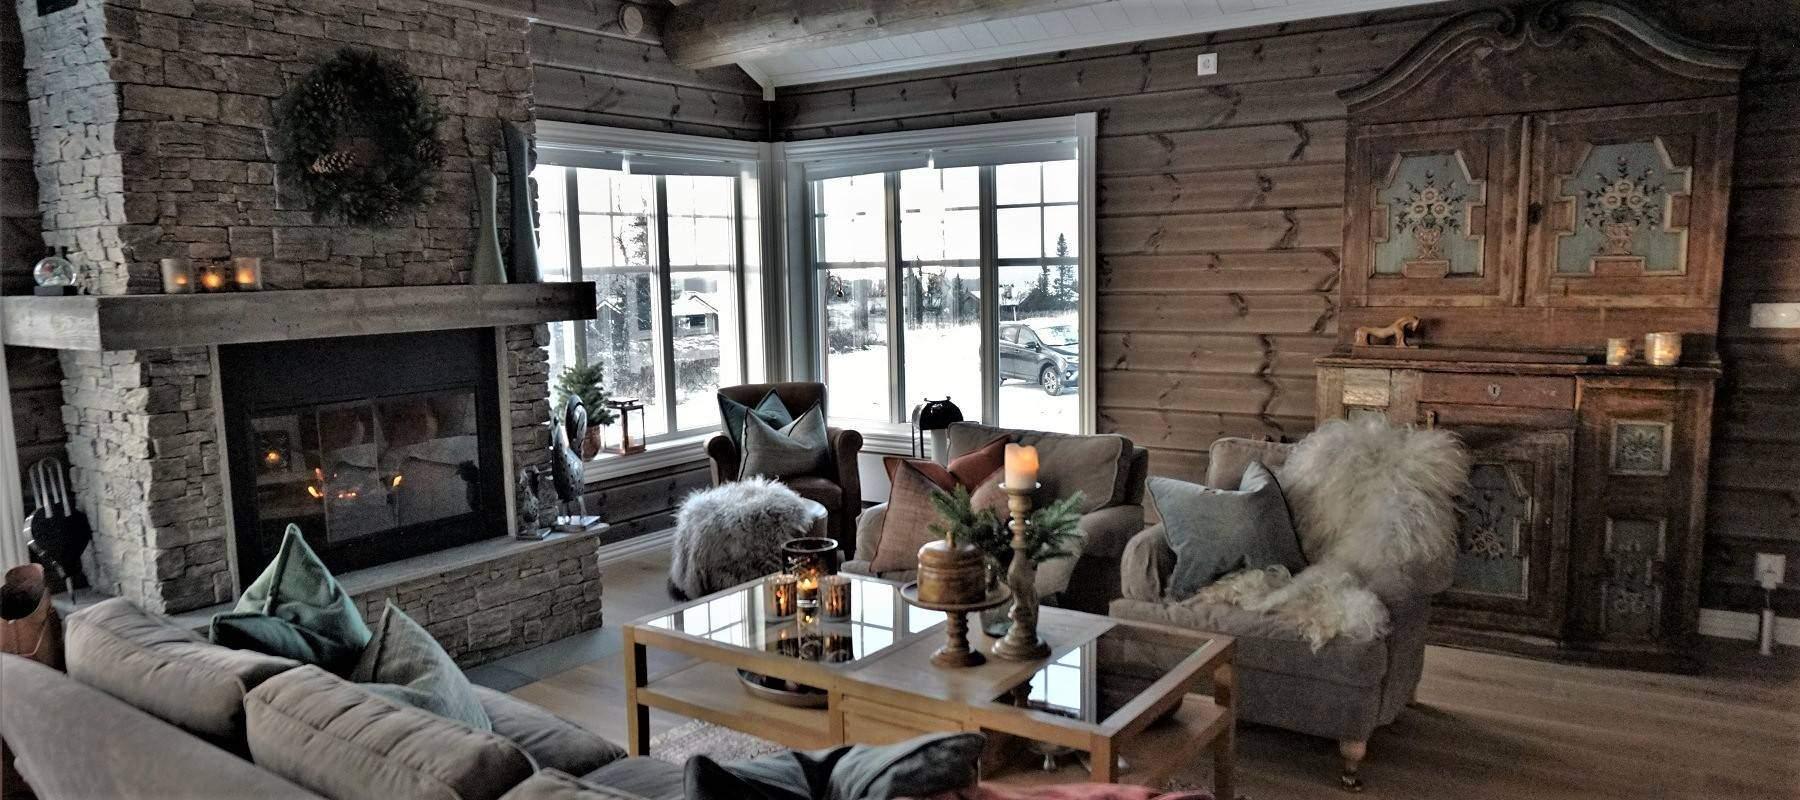 64 Hytteleverandor – Tiurtoppen Hytter Inspirasjon hytte pa Gålå